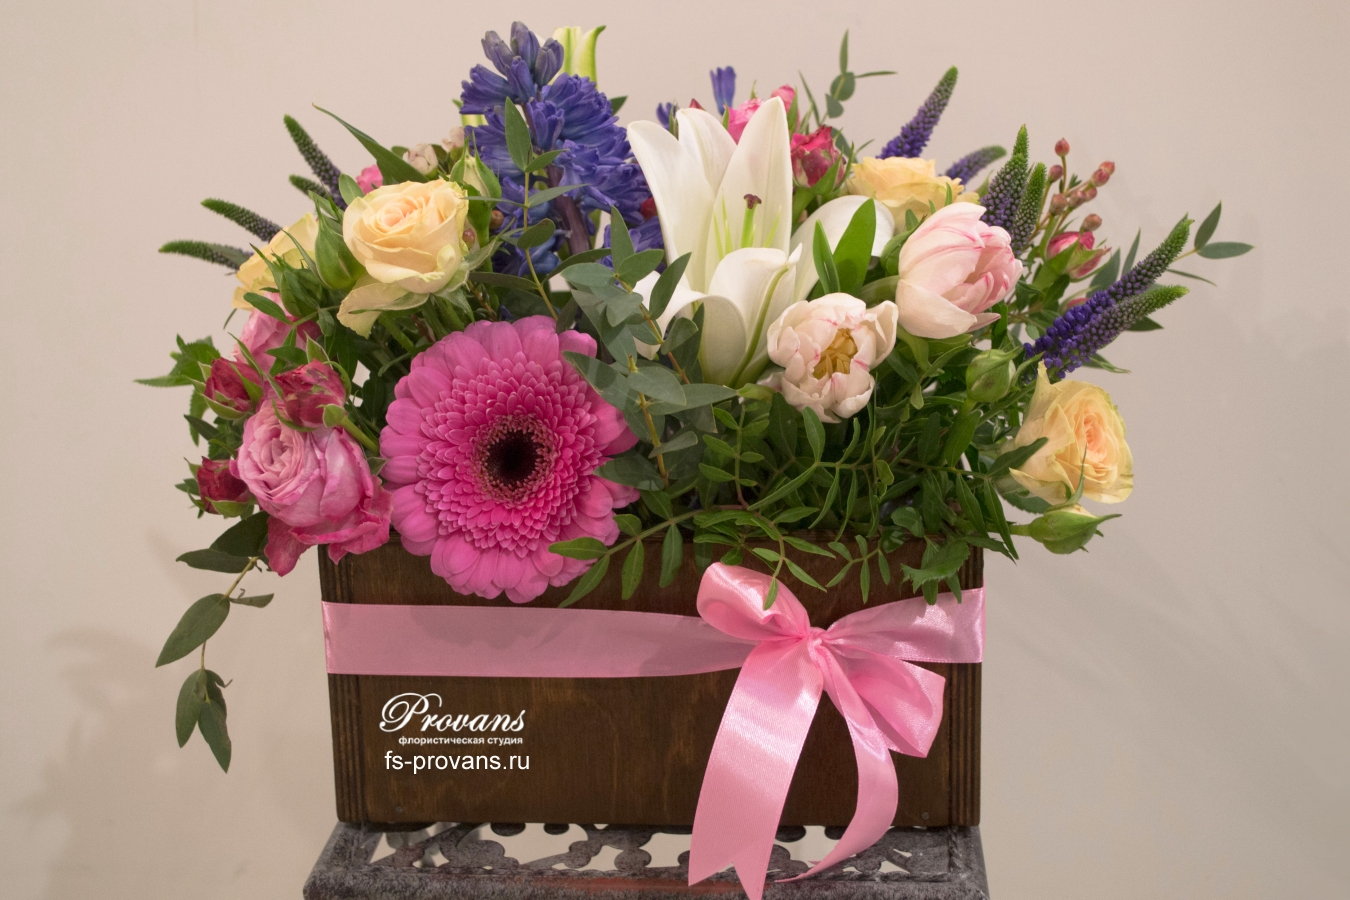 Композиция с цветами для мамы